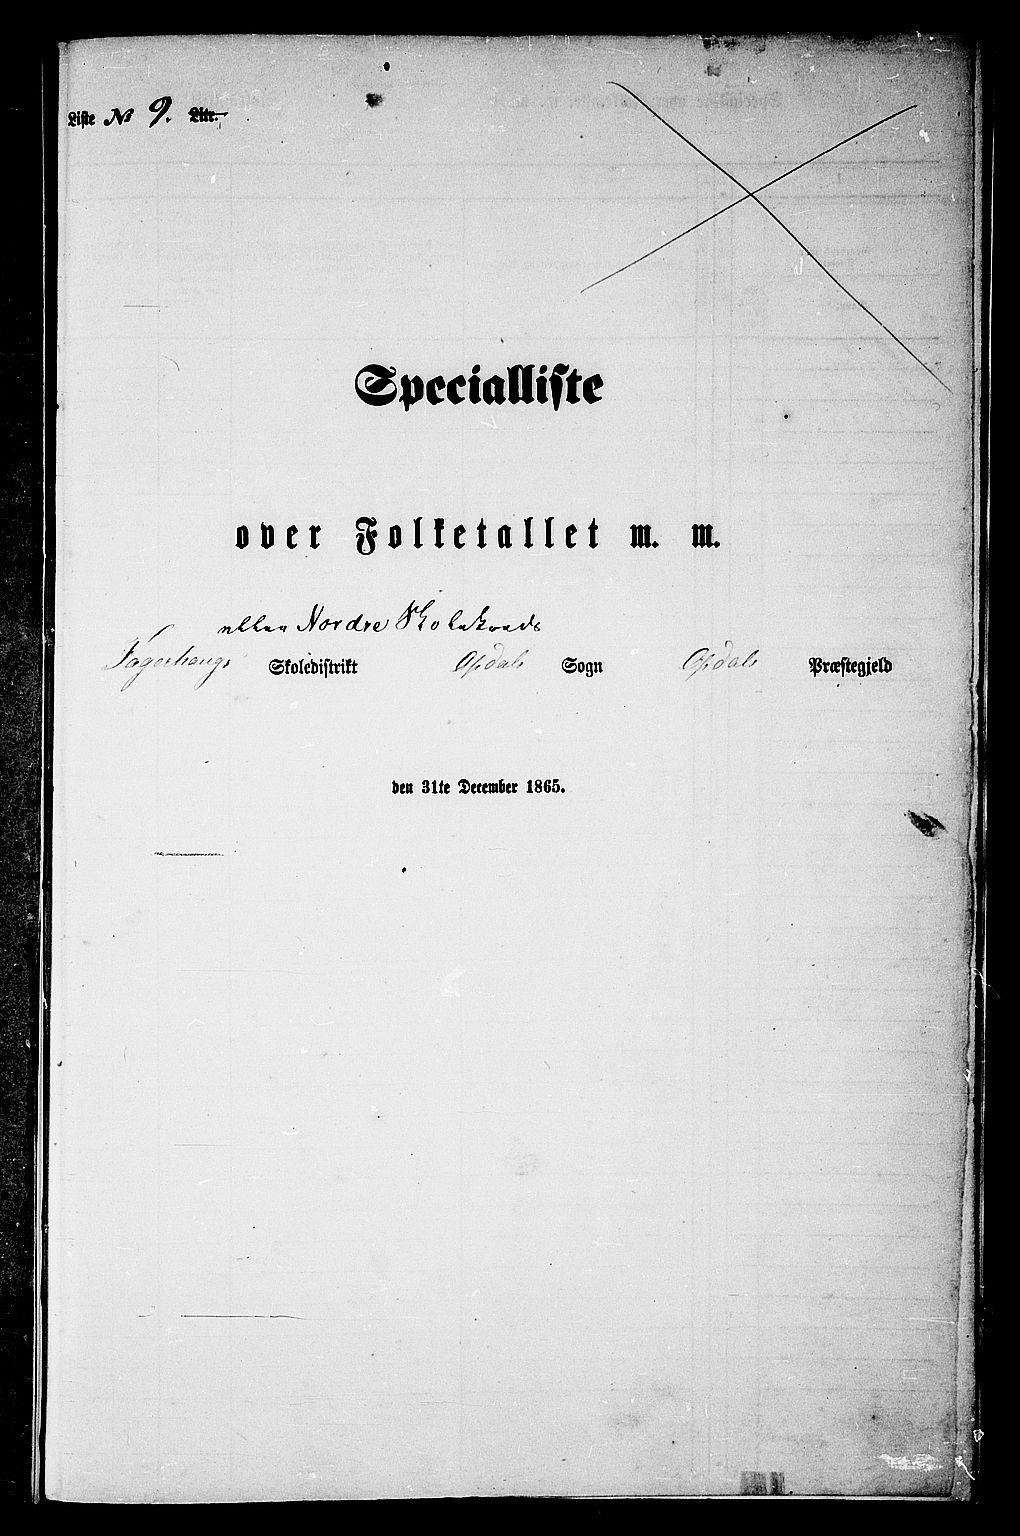 RA, Folketelling 1865 for 1634P Oppdal prestegjeld, 1865, s. 186